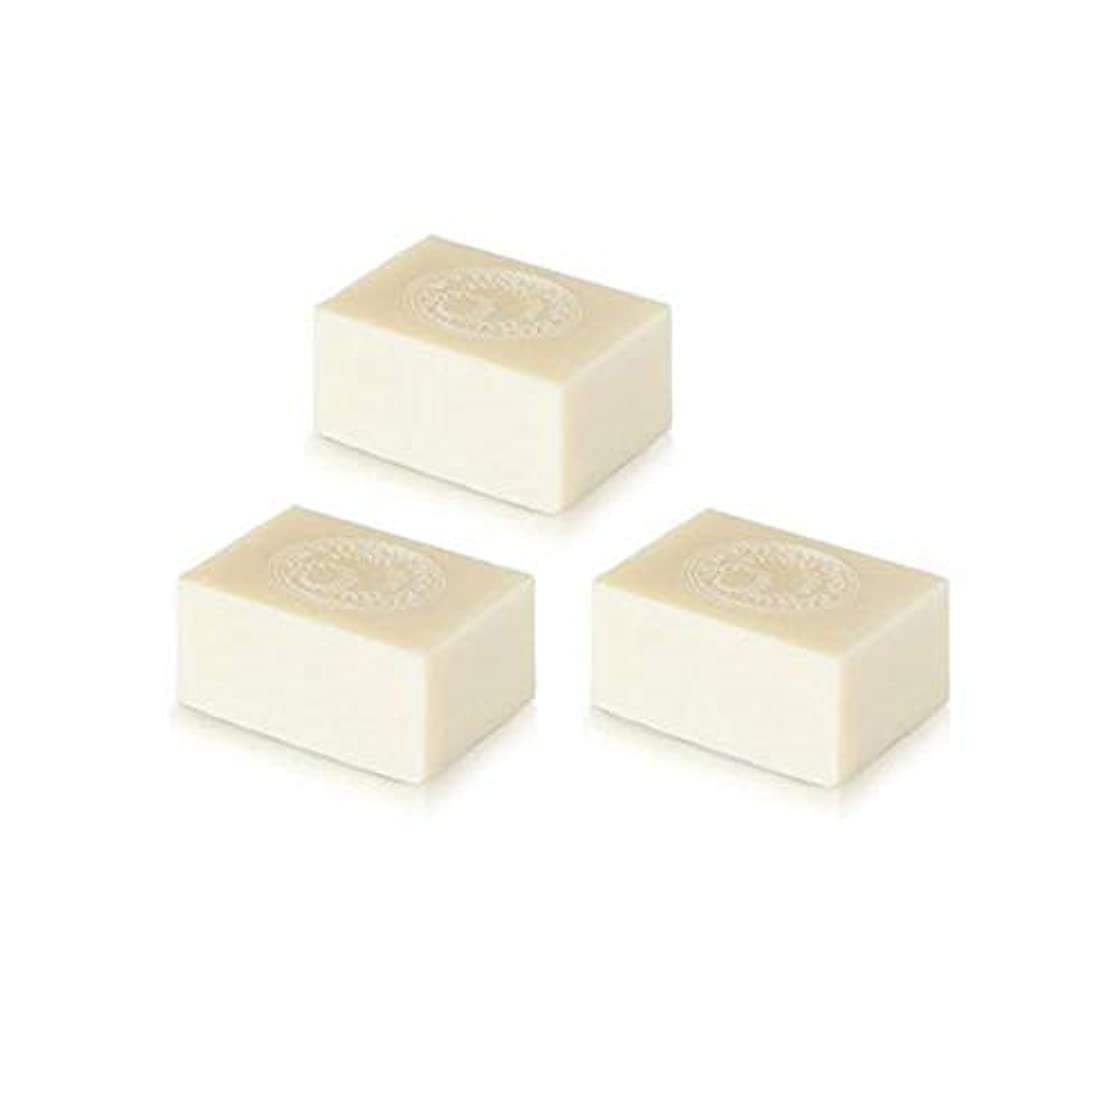 スナック寂しい容器アルガン石鹸3個セット( 145g ×3個) アルガンオイルの完全無添加石鹸